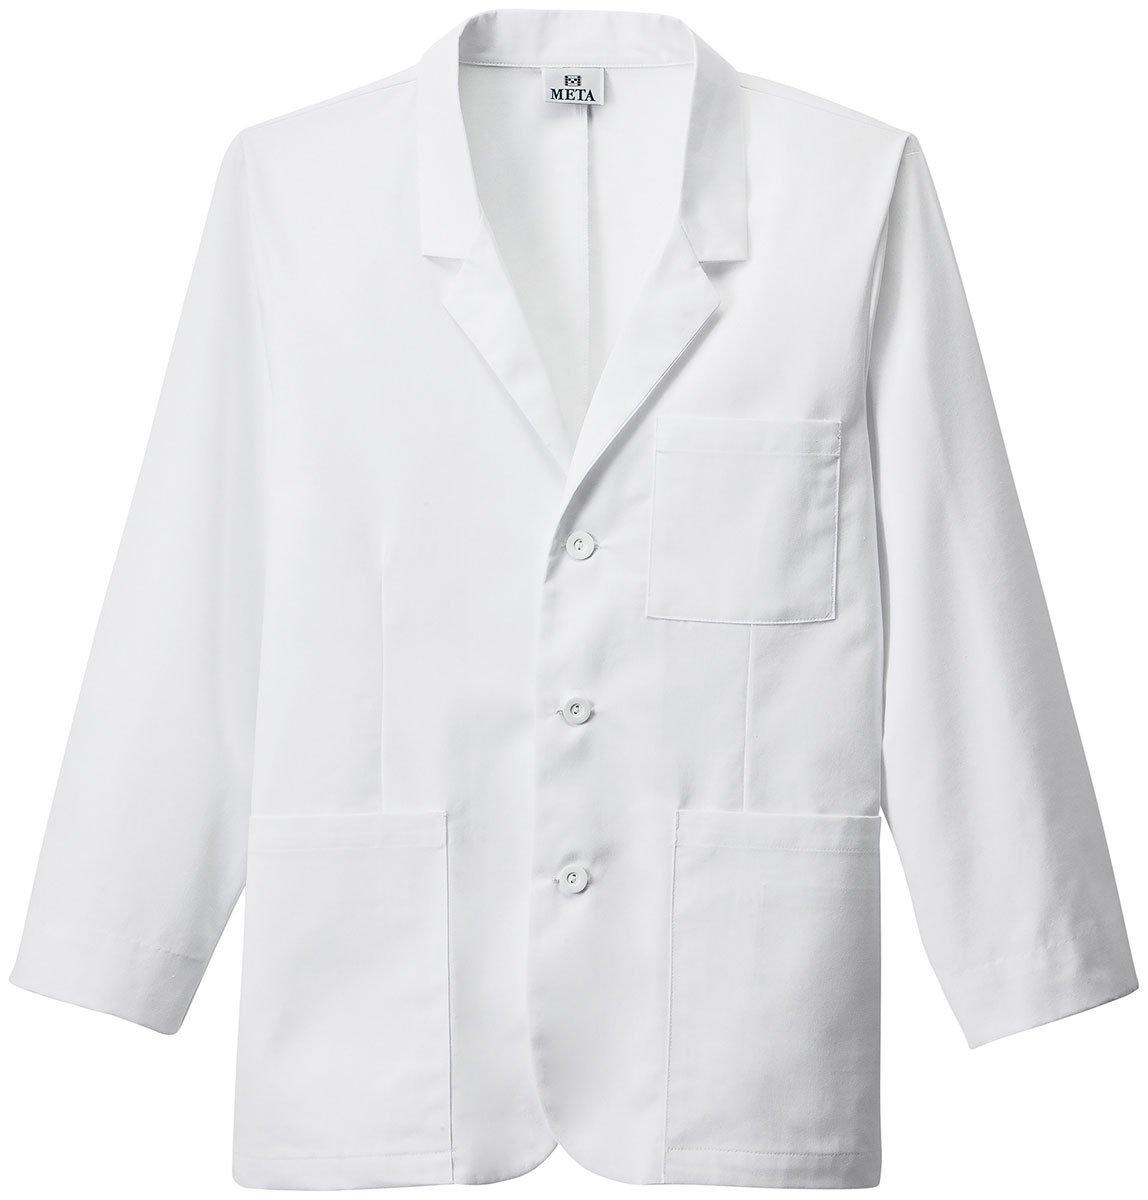 Meta Labwear Men's 30''; Consultation Lab Coat (White, 42)